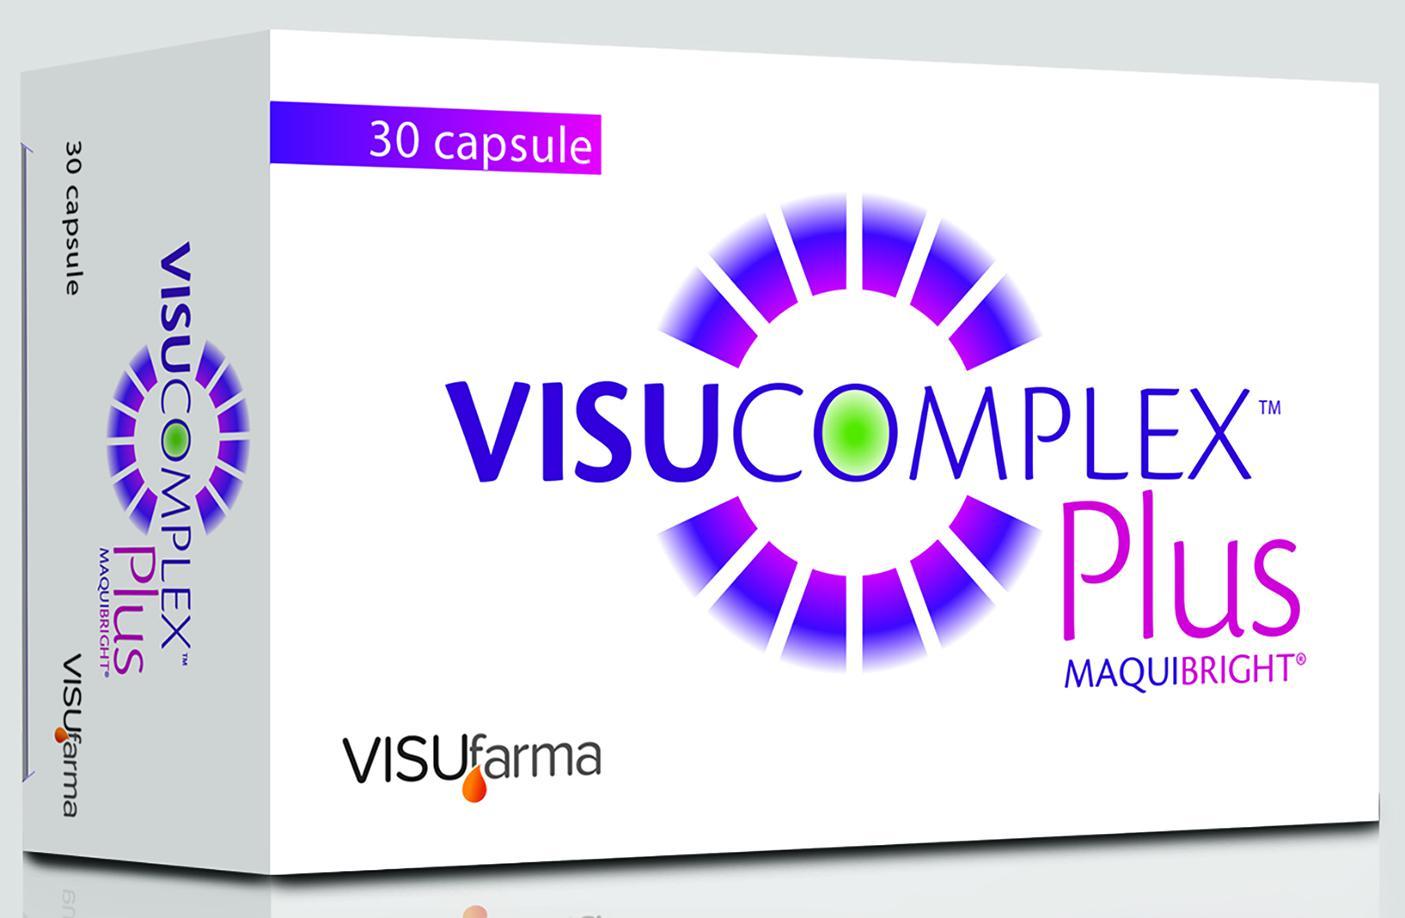 Visucomplex plus